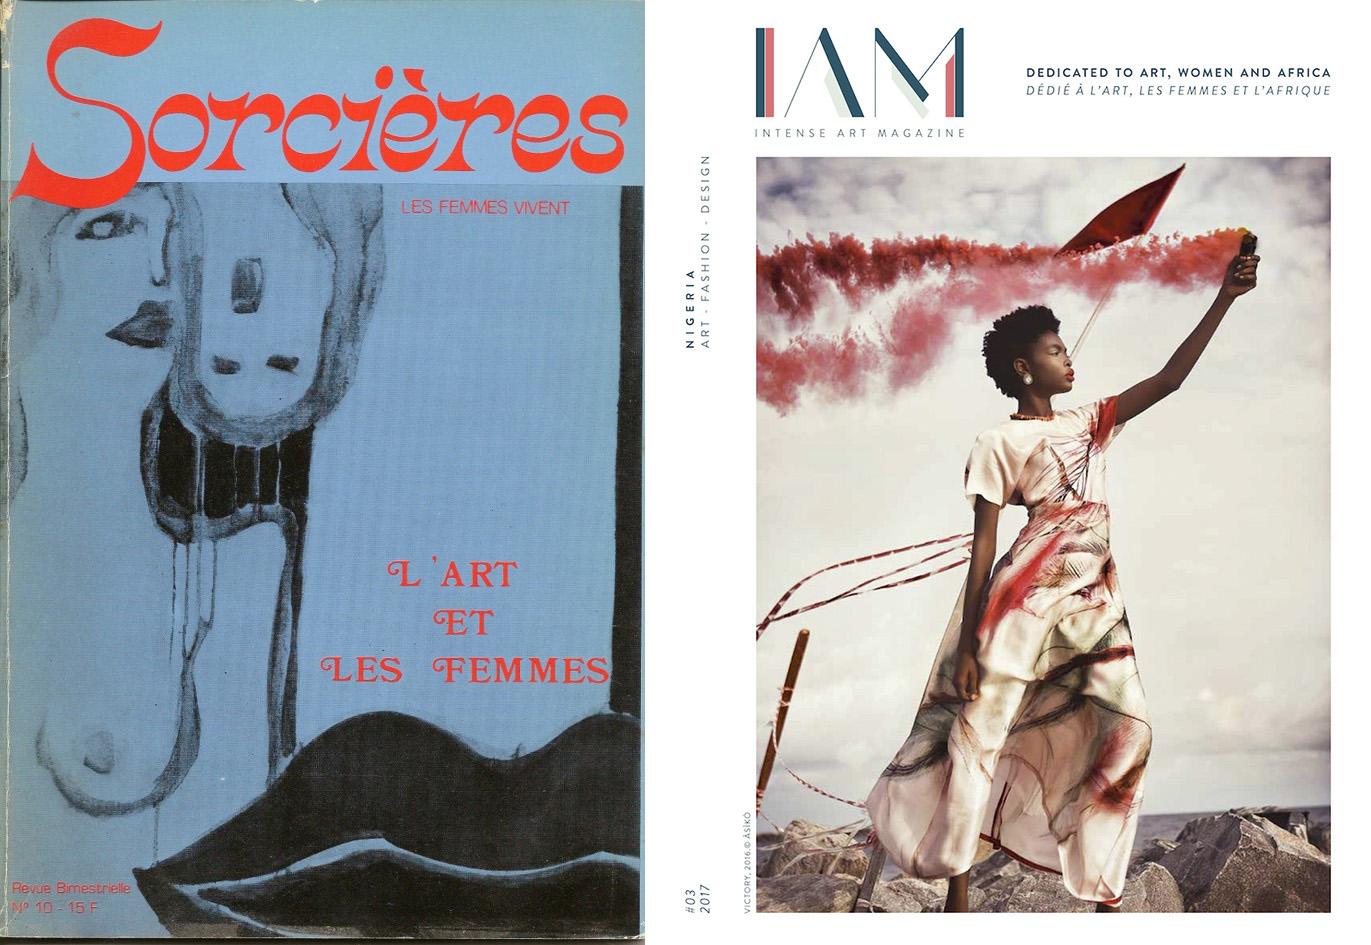 Cycle « Des femmes dans l'art : trajectoires croisées » - AWARE Artistes femmes / women artists